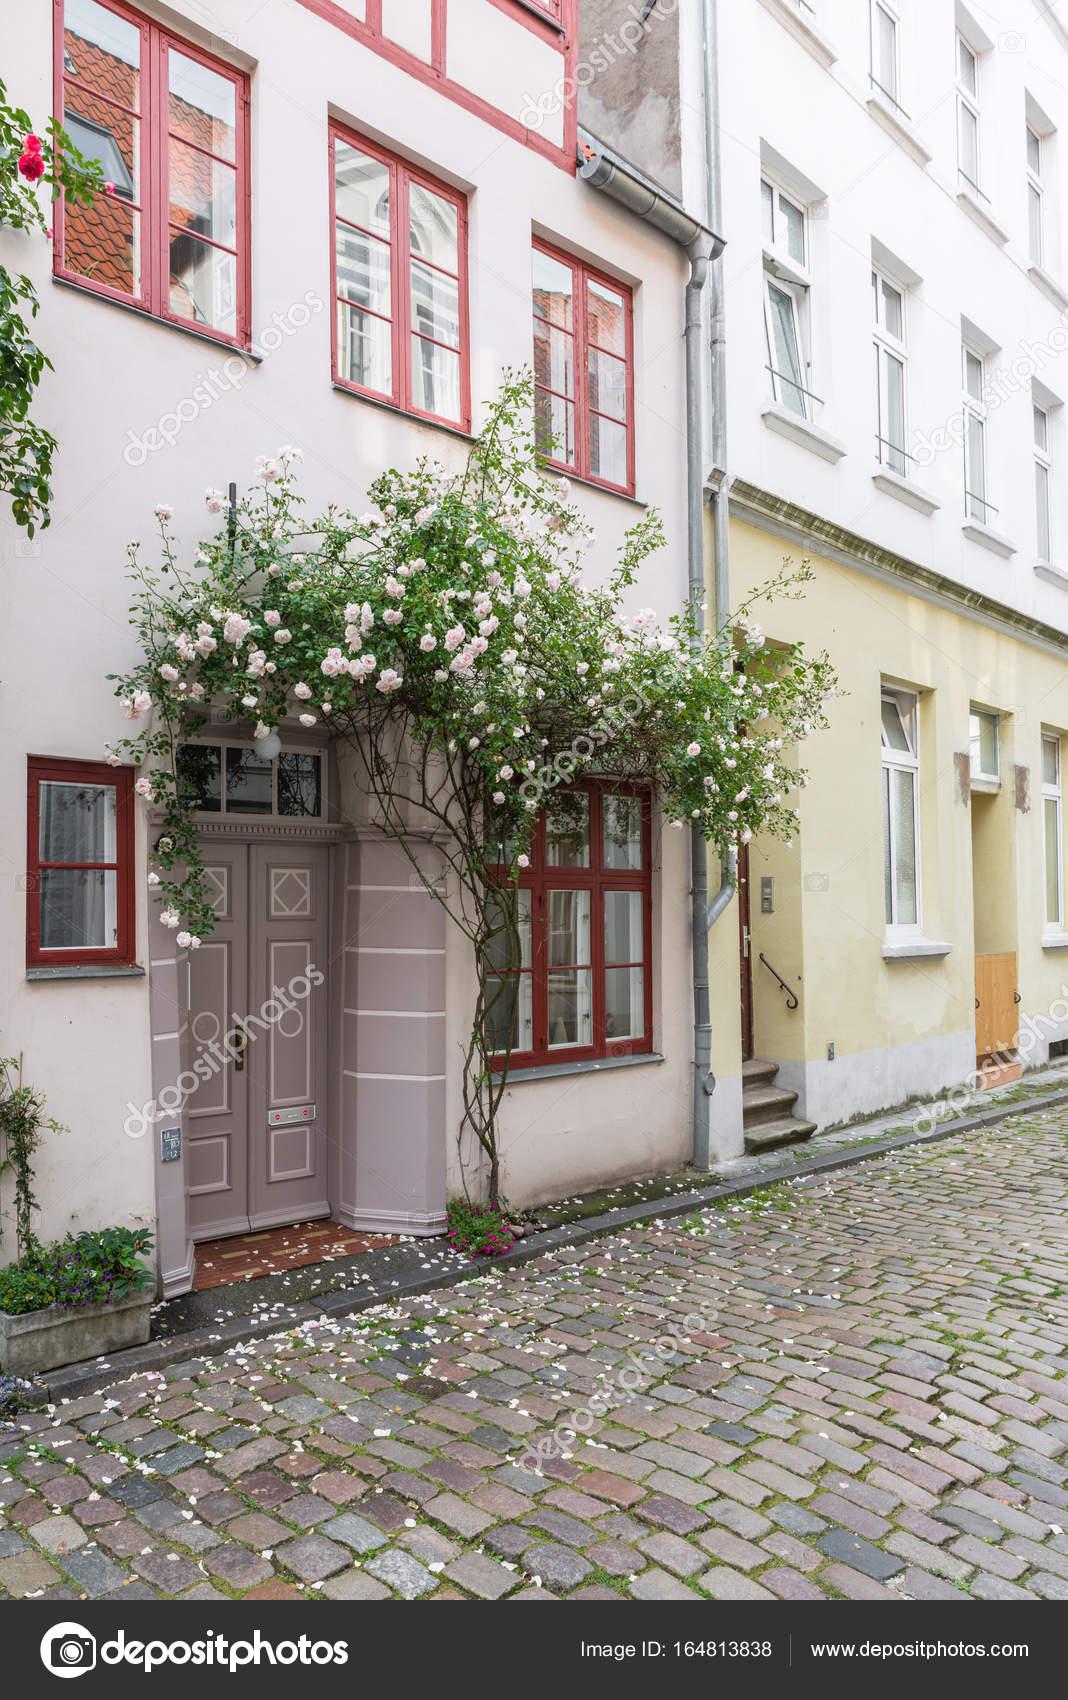 Schöne alte Häuser in Lübeck mit rose Blume verziert — Stockfoto ...